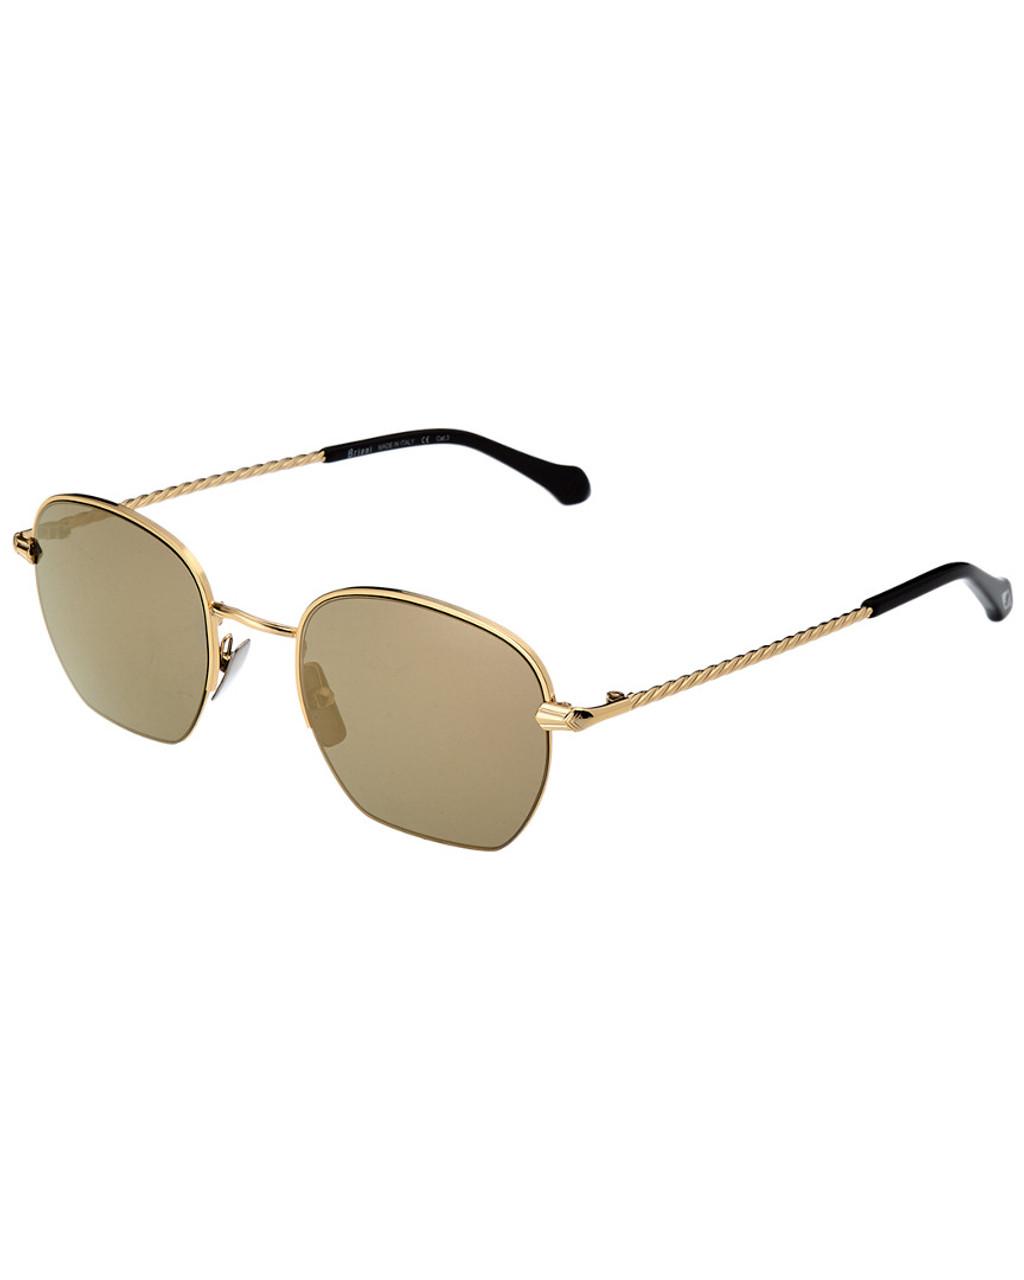 27abb1e82b Brioni Men s BR0027S 49mm Sunglasses~1111868588 - Carsons